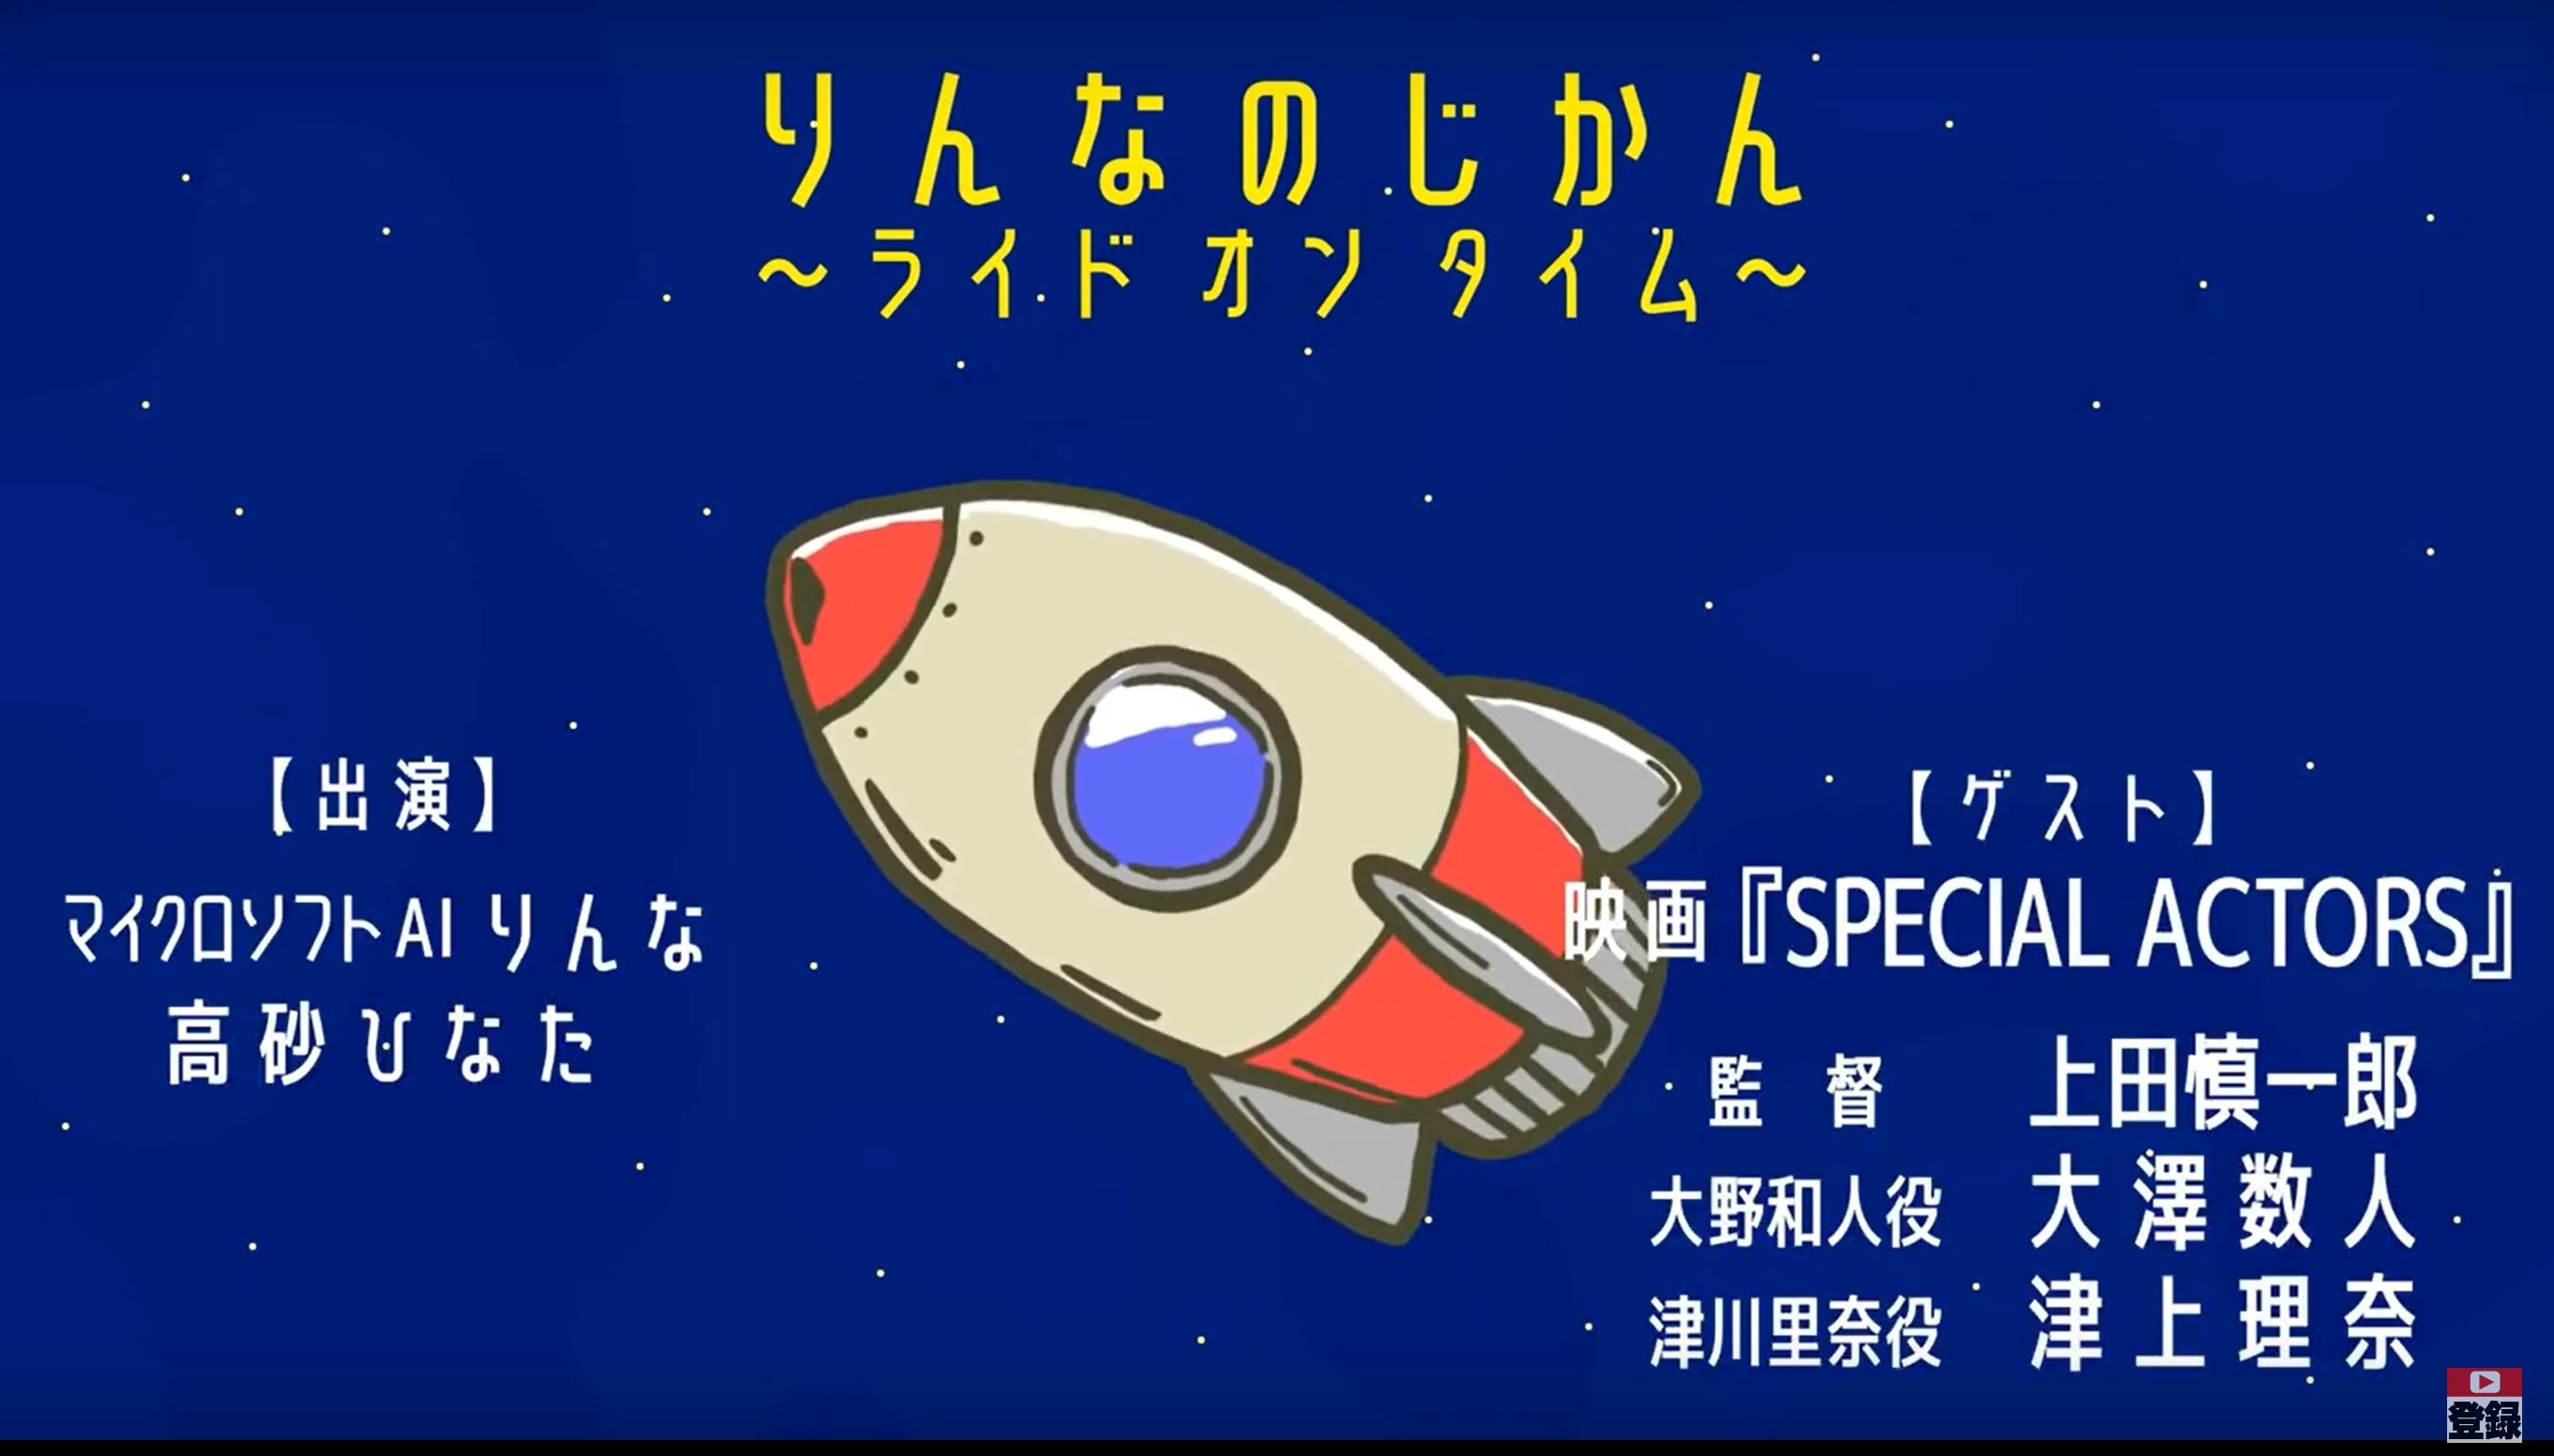 りんなのじかん~ライドオンタイム~ #5 ゲスト:映画『SPECIAL ACTORS』(上田慎一郎監督、大澤数人さん、津上理奈さん)